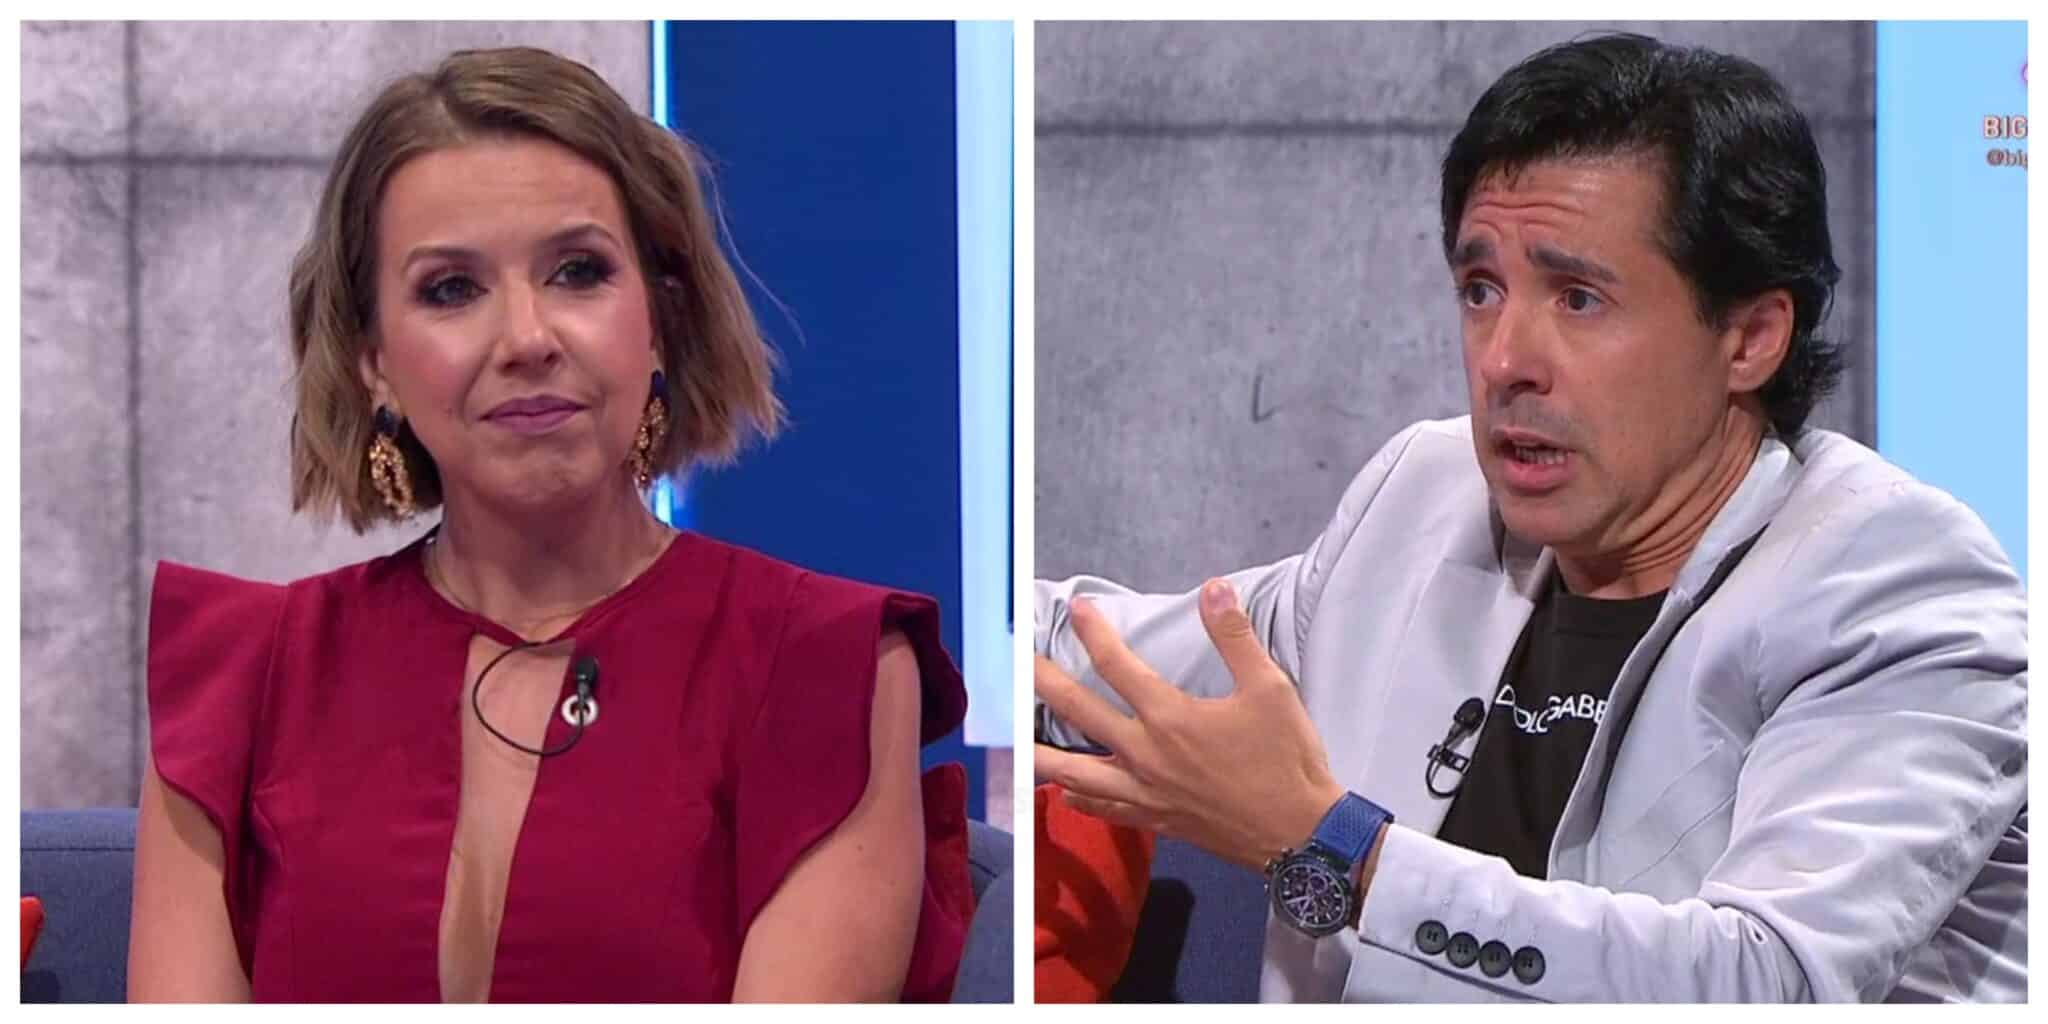 Big Brother Pipoca Mais Doce Pedro Soa Scaled Big Brother: Eis As Audiências Do Confronto Entre 'Pipoca Mais Doce' E Pedro Soá